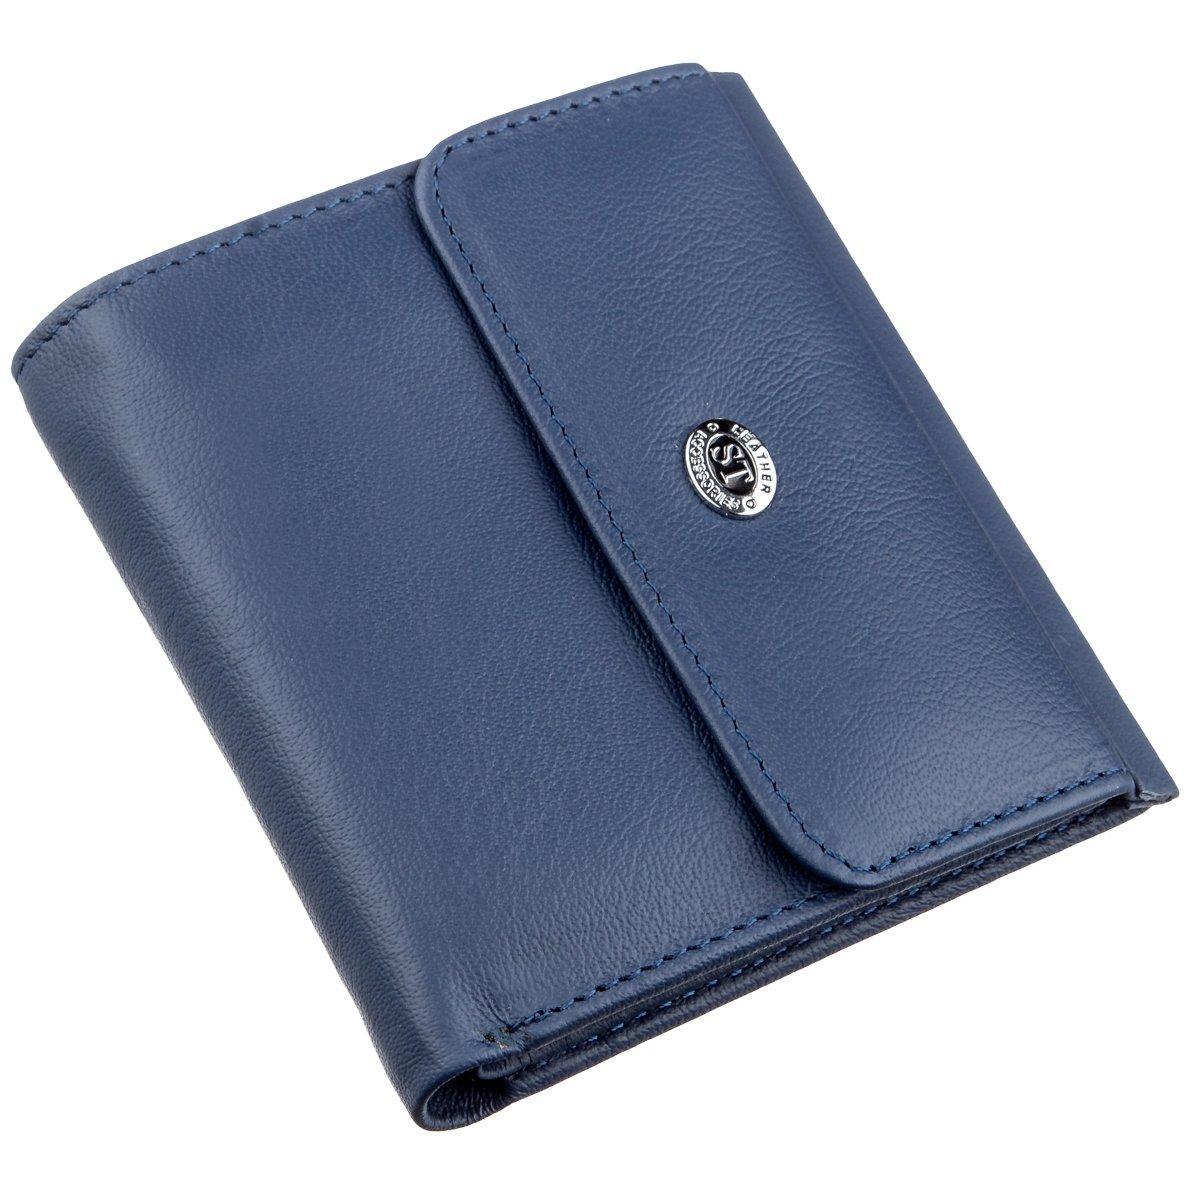 Компактный женский бумажник на кнопке ST Leather 18921 Синий